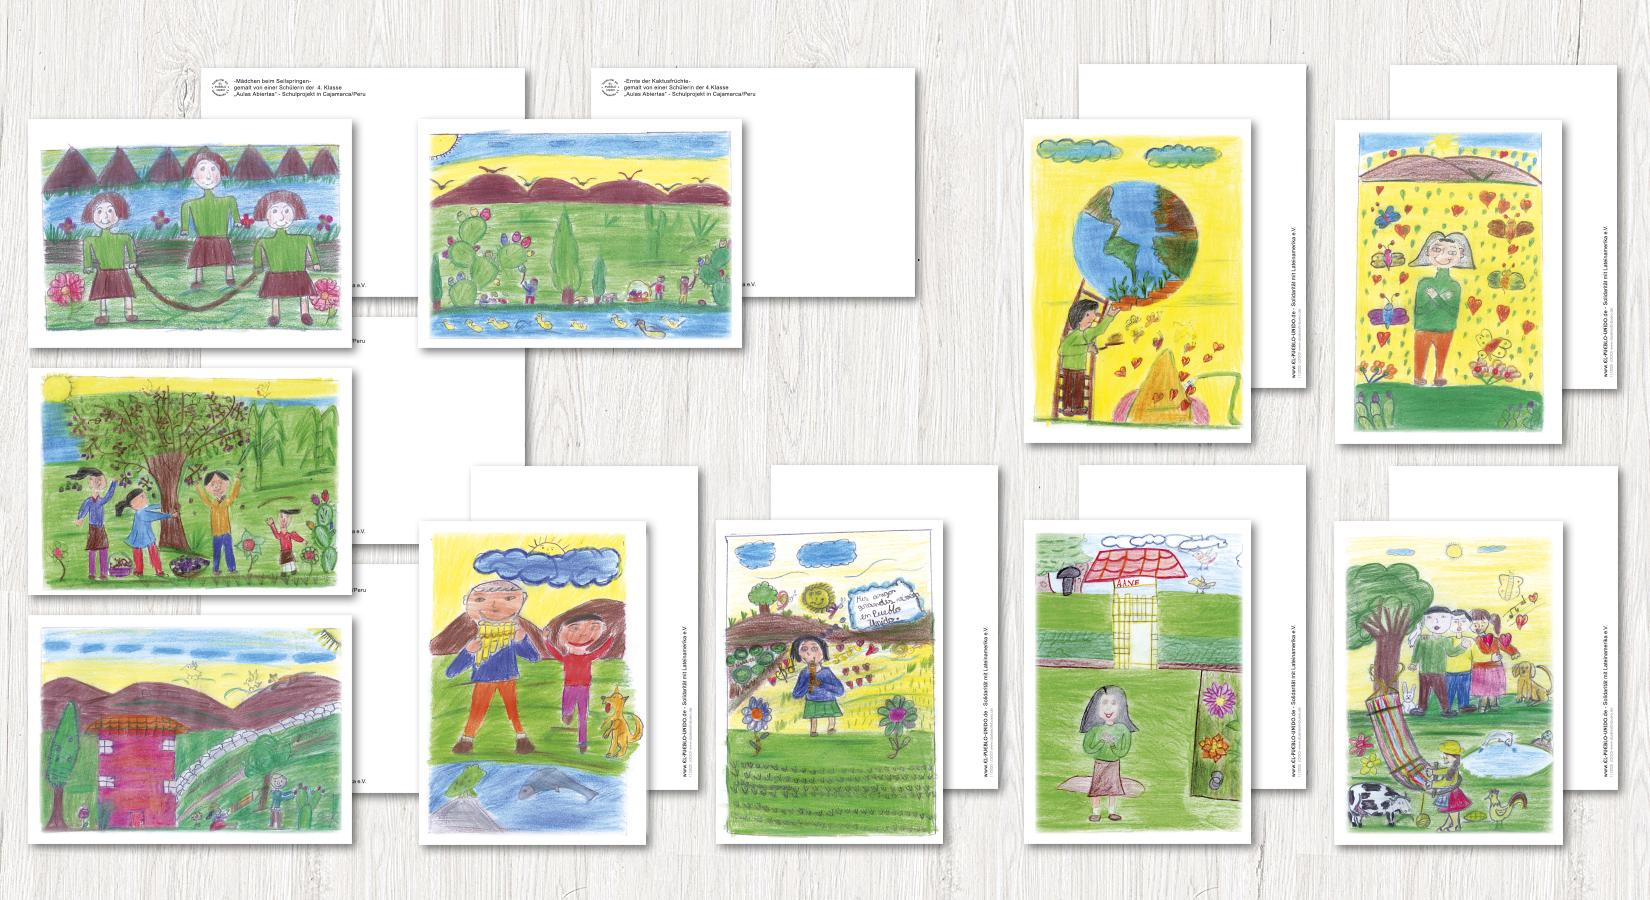 Postkarten mit gezeichneten Motiven